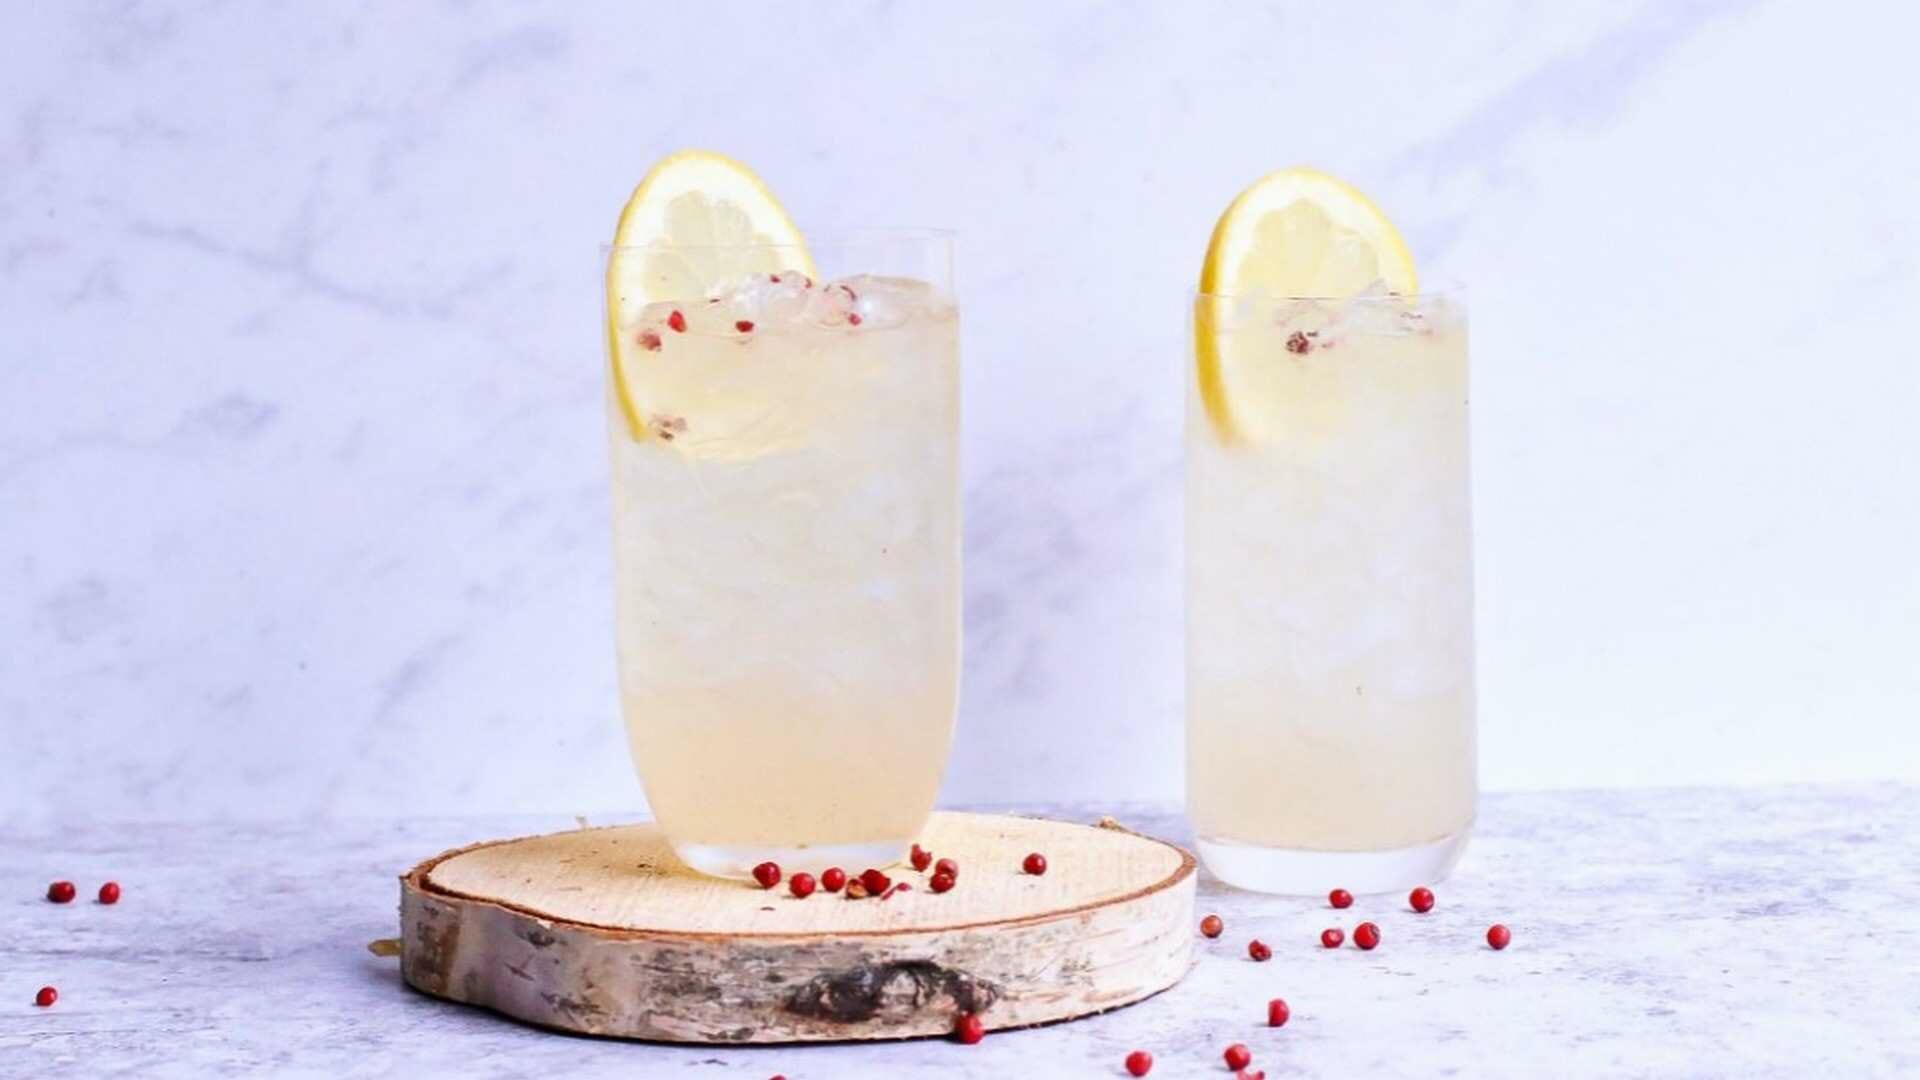 Agua con sabor: prepara en casa deliciosas aguas aromáticas